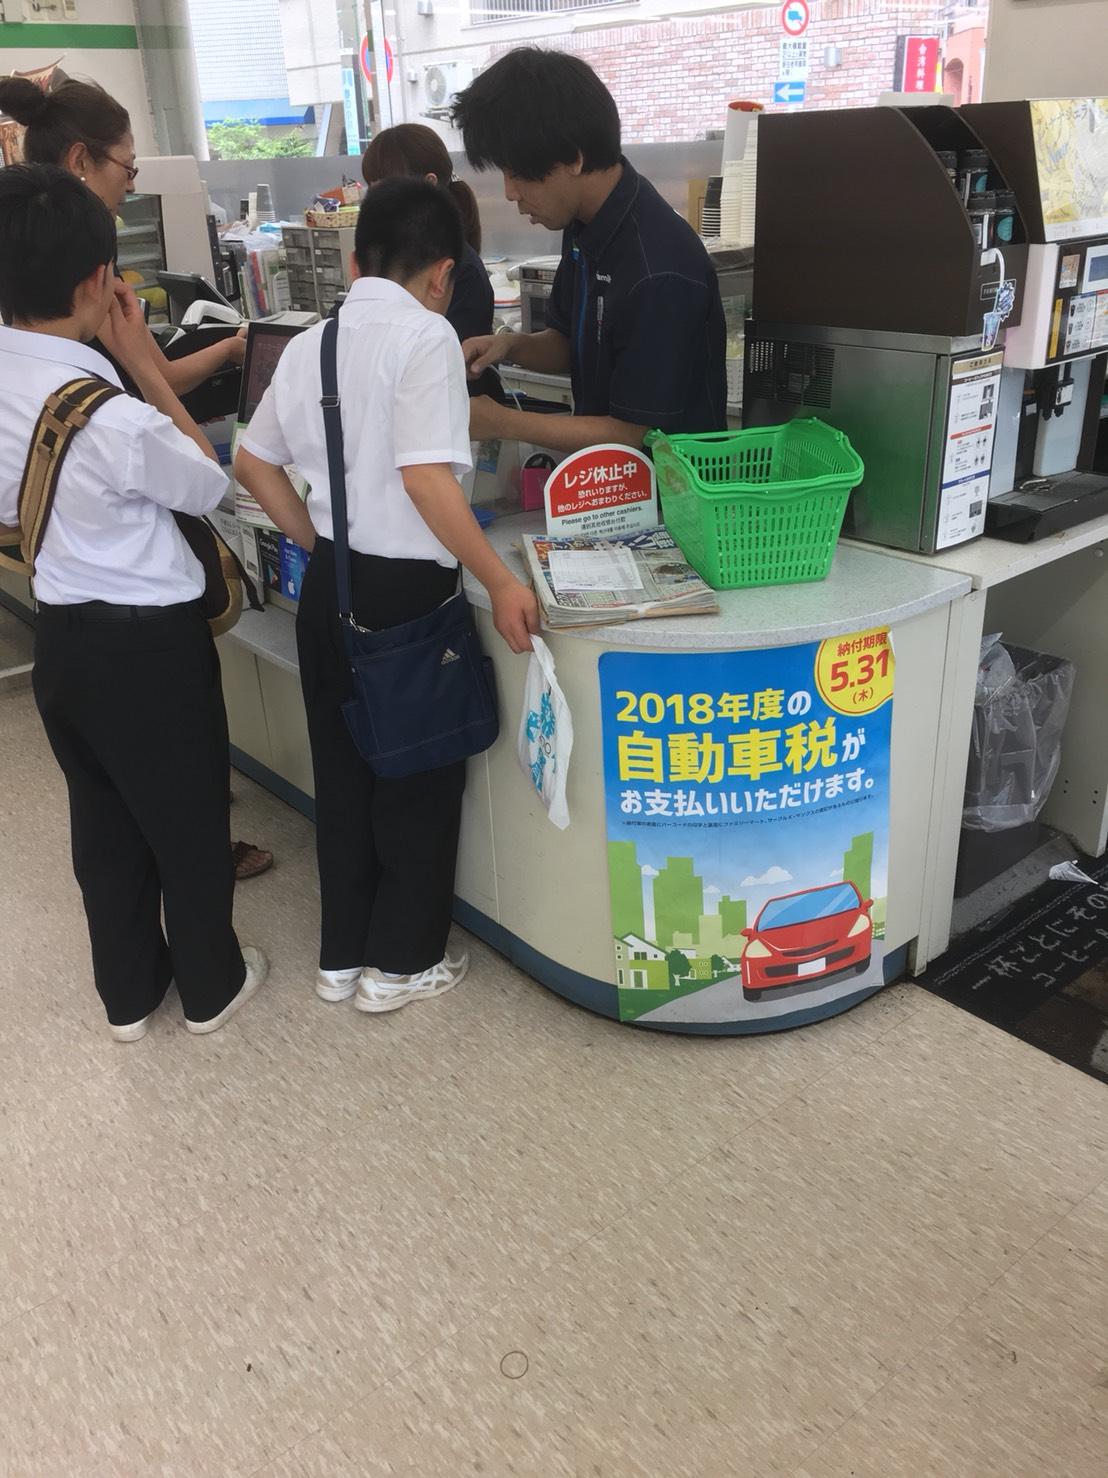 http://www.kitashitara.jp/toyone-jh/1526531018491.jpg